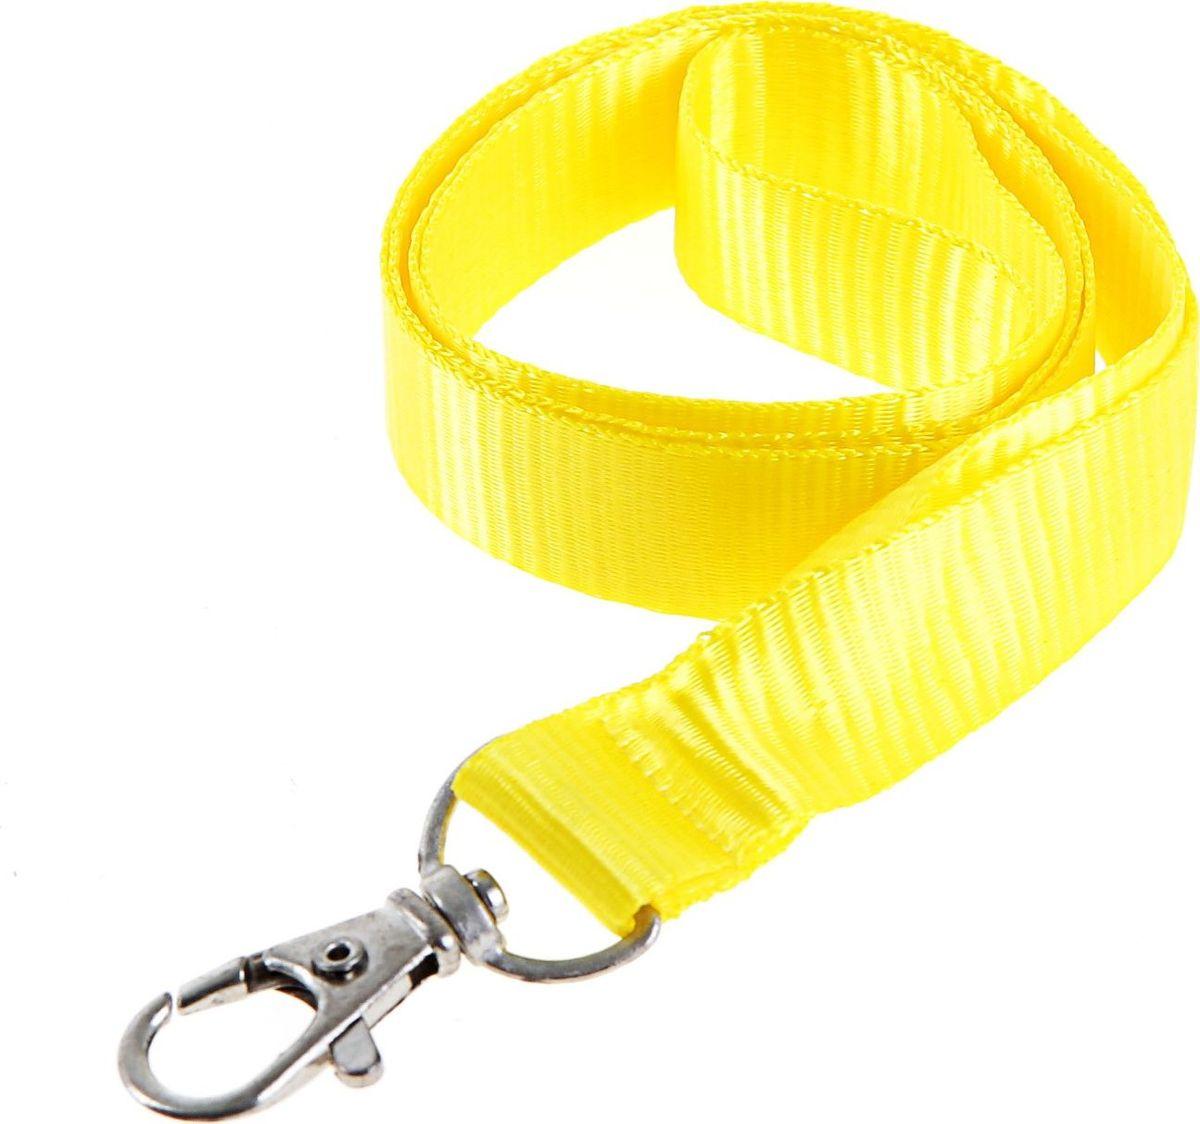 Лента для бейджа с карабином цвет желтый593868Лента с карабином используется для удобного ношения бейджа.Она изготовлена из текстиля. Лента может быть использована в качестве элемента корпоративного стиля, особенно в сочетании с бейджем такого же цвета. Лента имеет металлический карабин, подходящий для бейджей всех типов, имеющих отверстие для крепления.